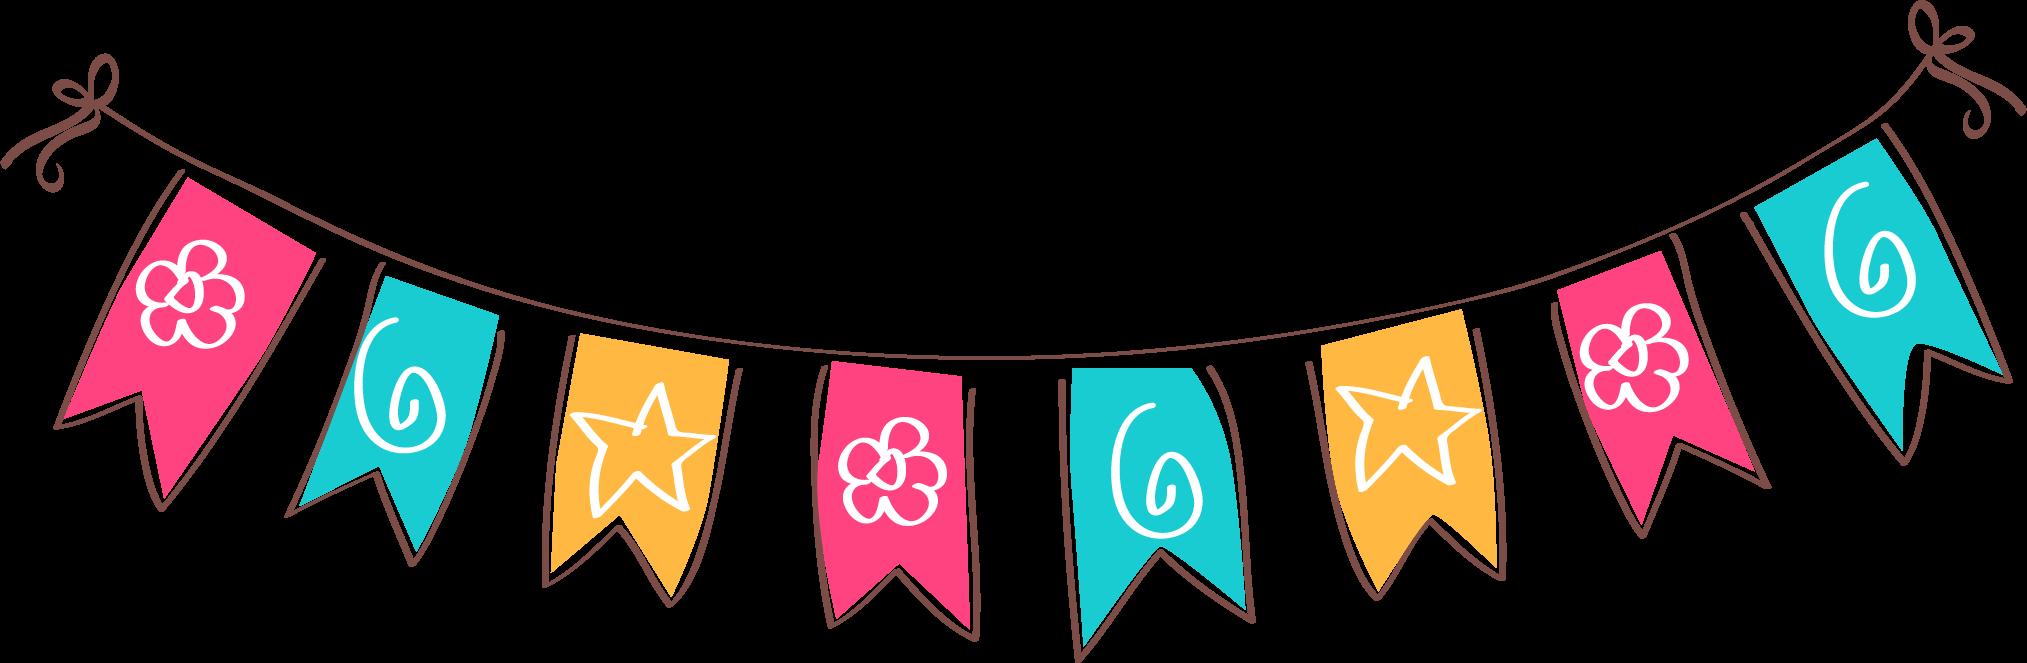 【迪士尼酒店】全年节假日周末一口价专场,299抢上海骊谷酒店游玩套餐,15分钟直达迪士尼,限量速抢!